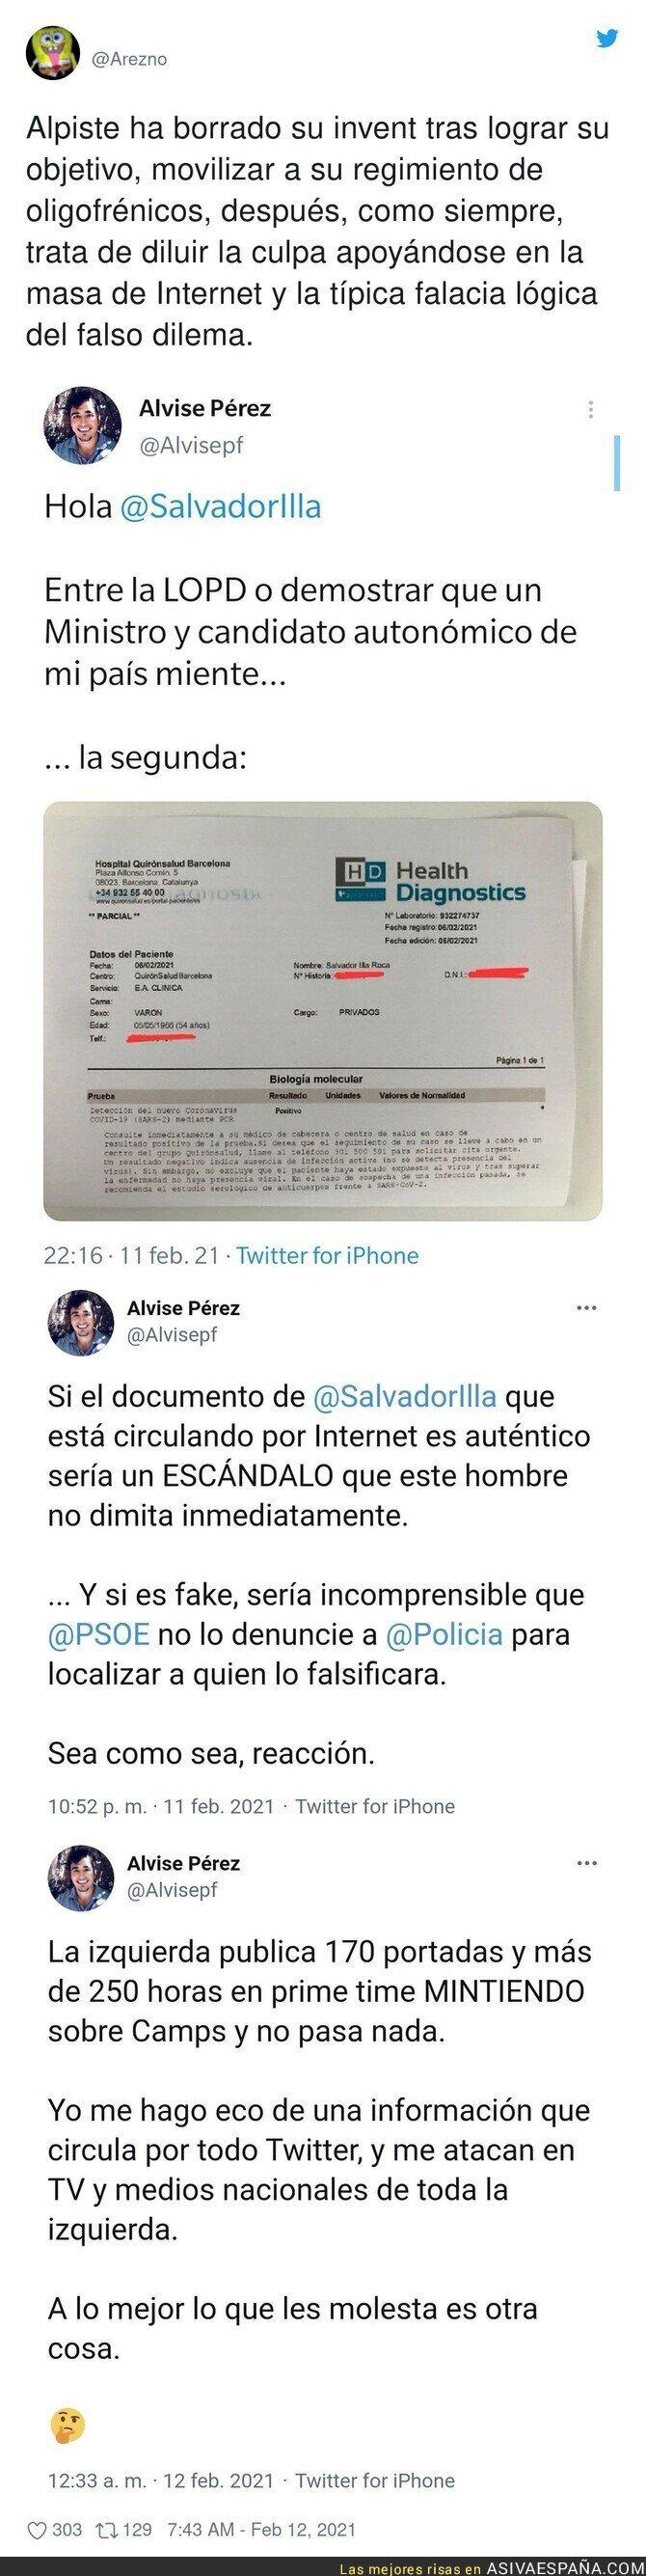 596737 - Alvise Pérez difunde el bulo y se hace la víctima